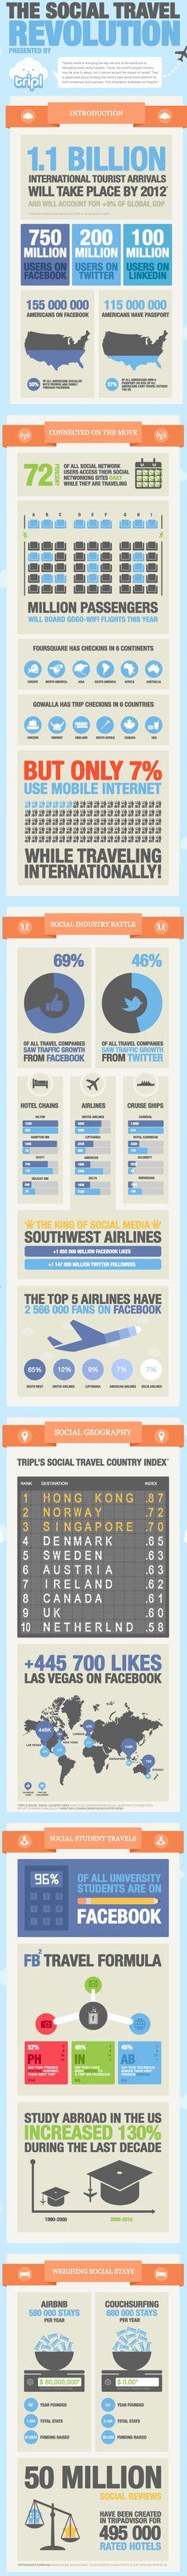 Social Media en Turismo.